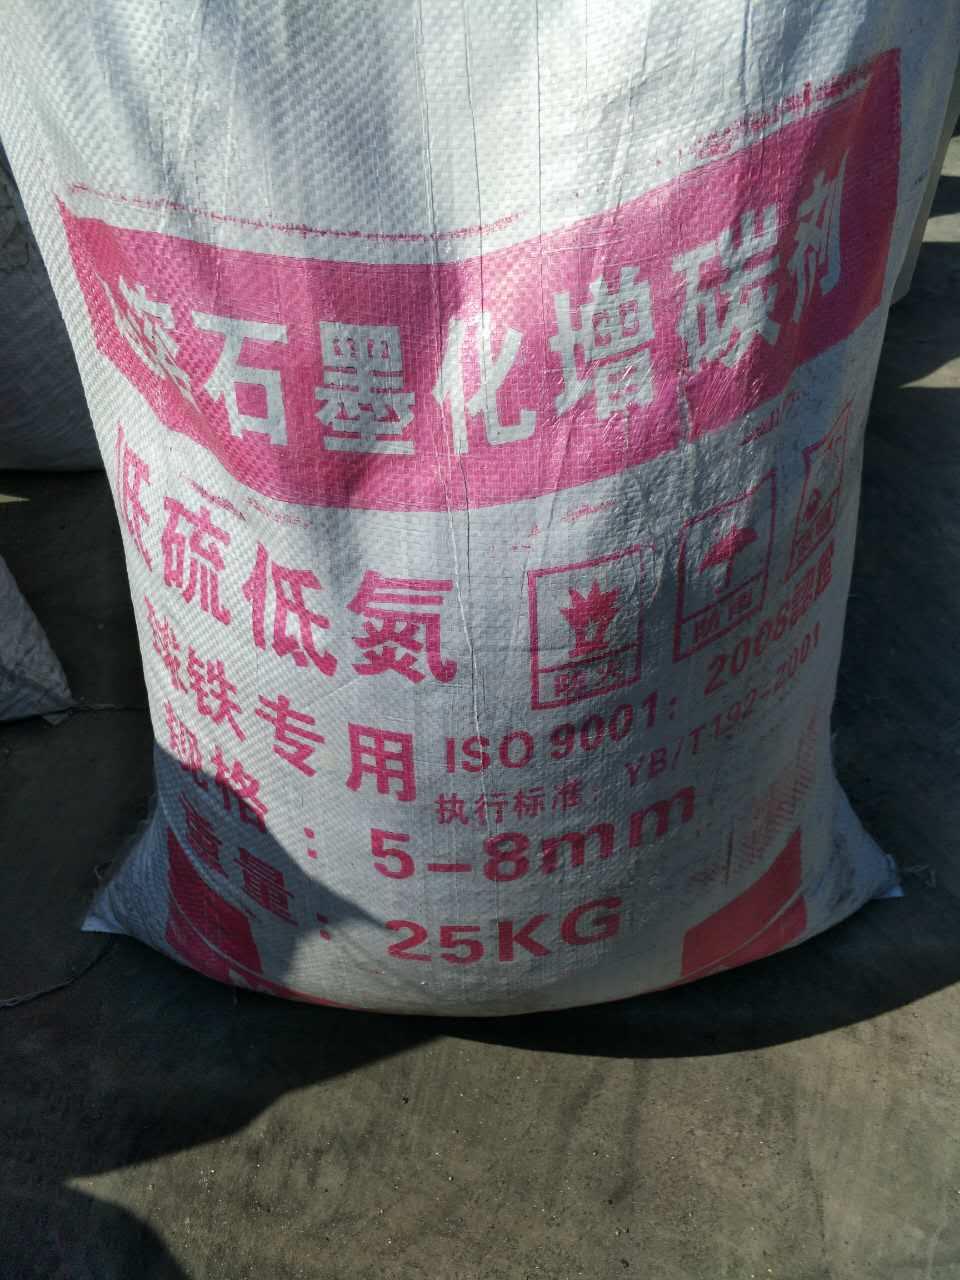 银川增碳剂厂家直销-供应宁夏增碳剂_品质保证